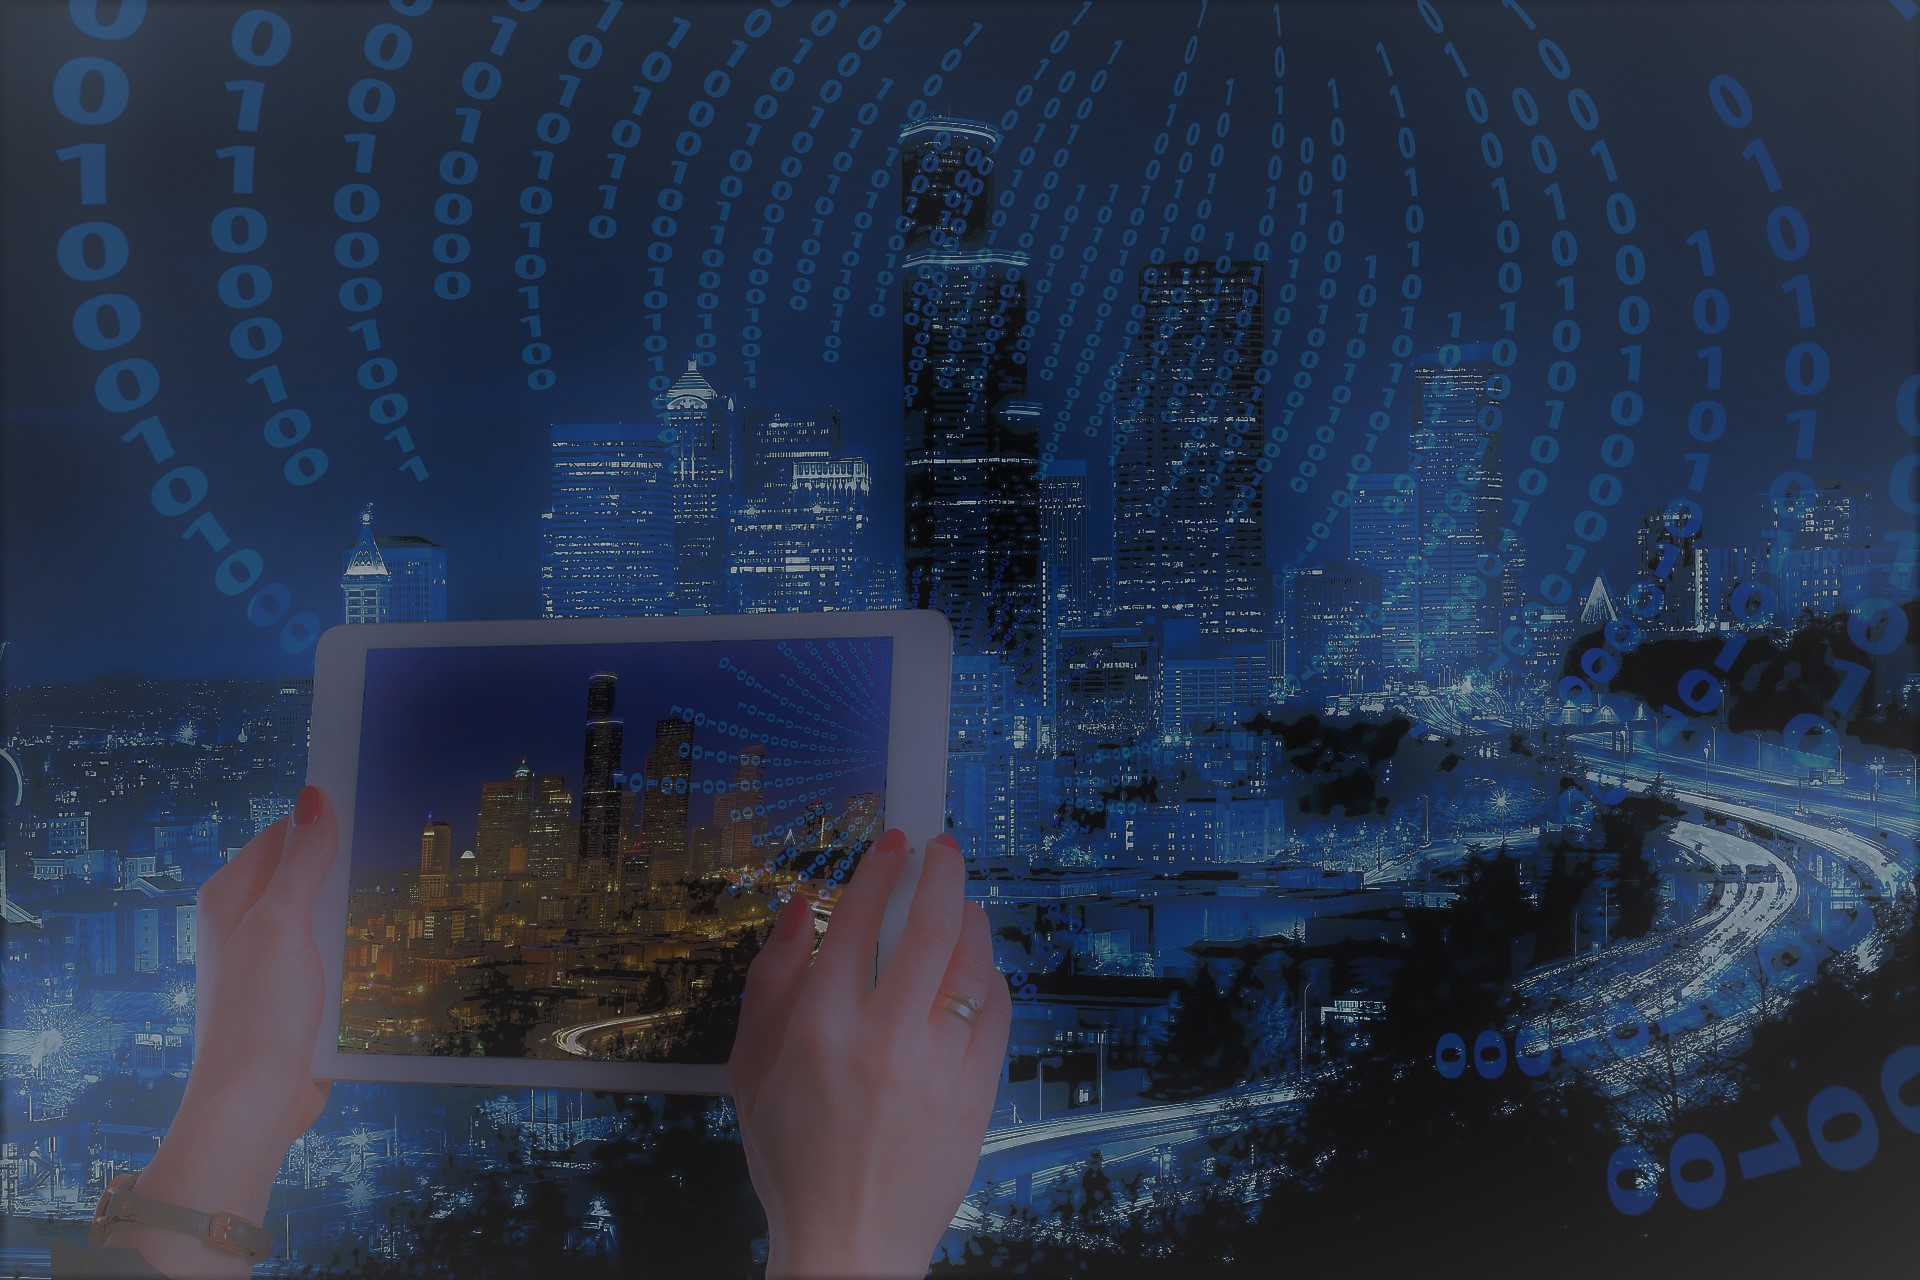 חדשנות מוניציפלית – העיר של המחר משנה את פניה / ריטה גולשטיין גלפרין (פוסט אורח)